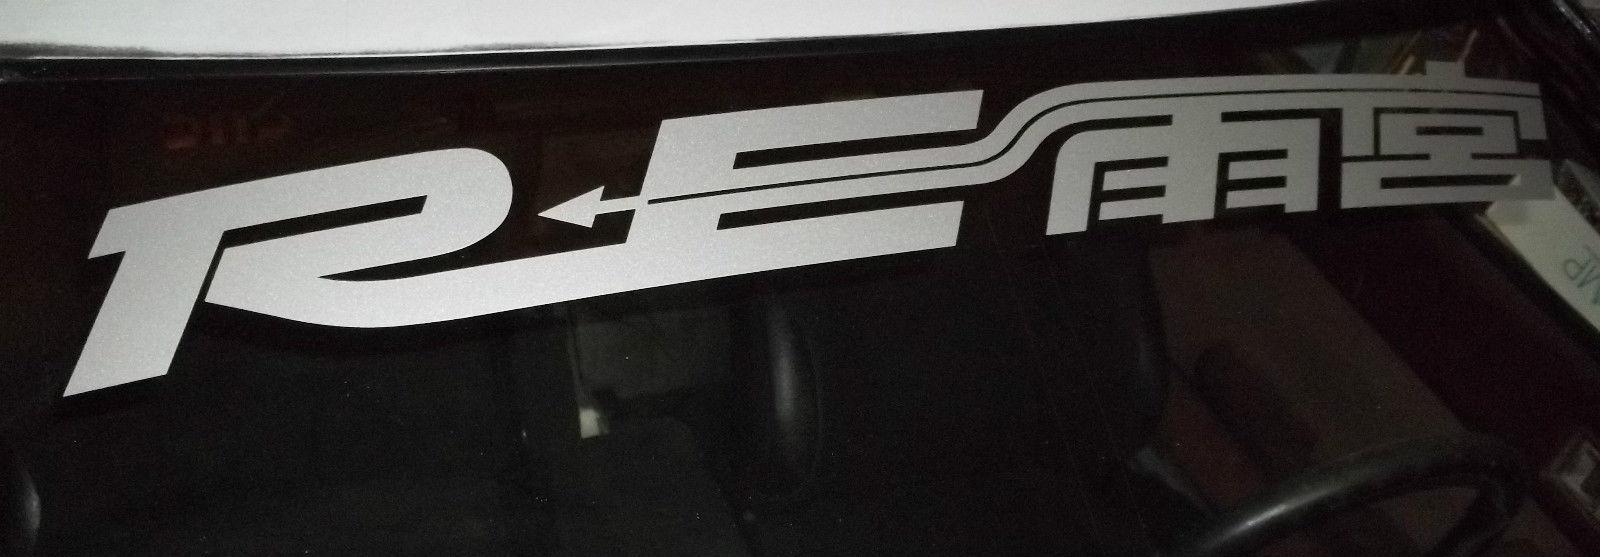 RE AMEMIYA Logo JDM Mazda RX7 RX8 Rotory Racing Motorsport Banner Streifen Auto Windschutzscheibe Vinyl Aufkleber Aufkleber